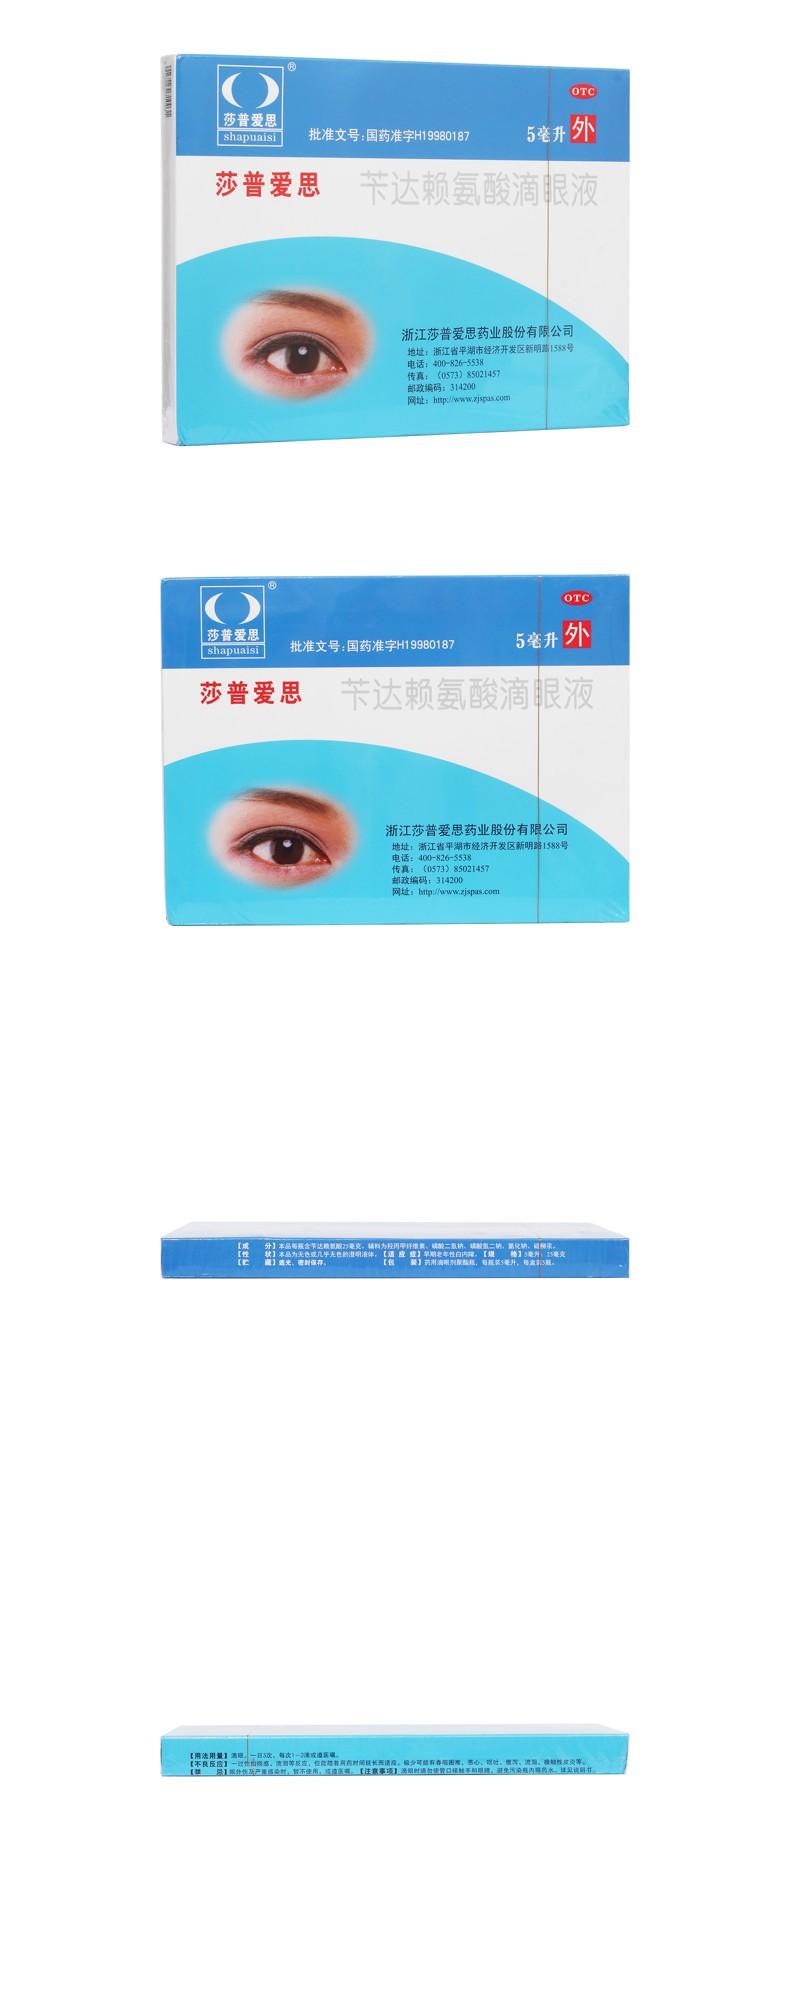 苄达赖氨酸滴眼液(莎普爱思)